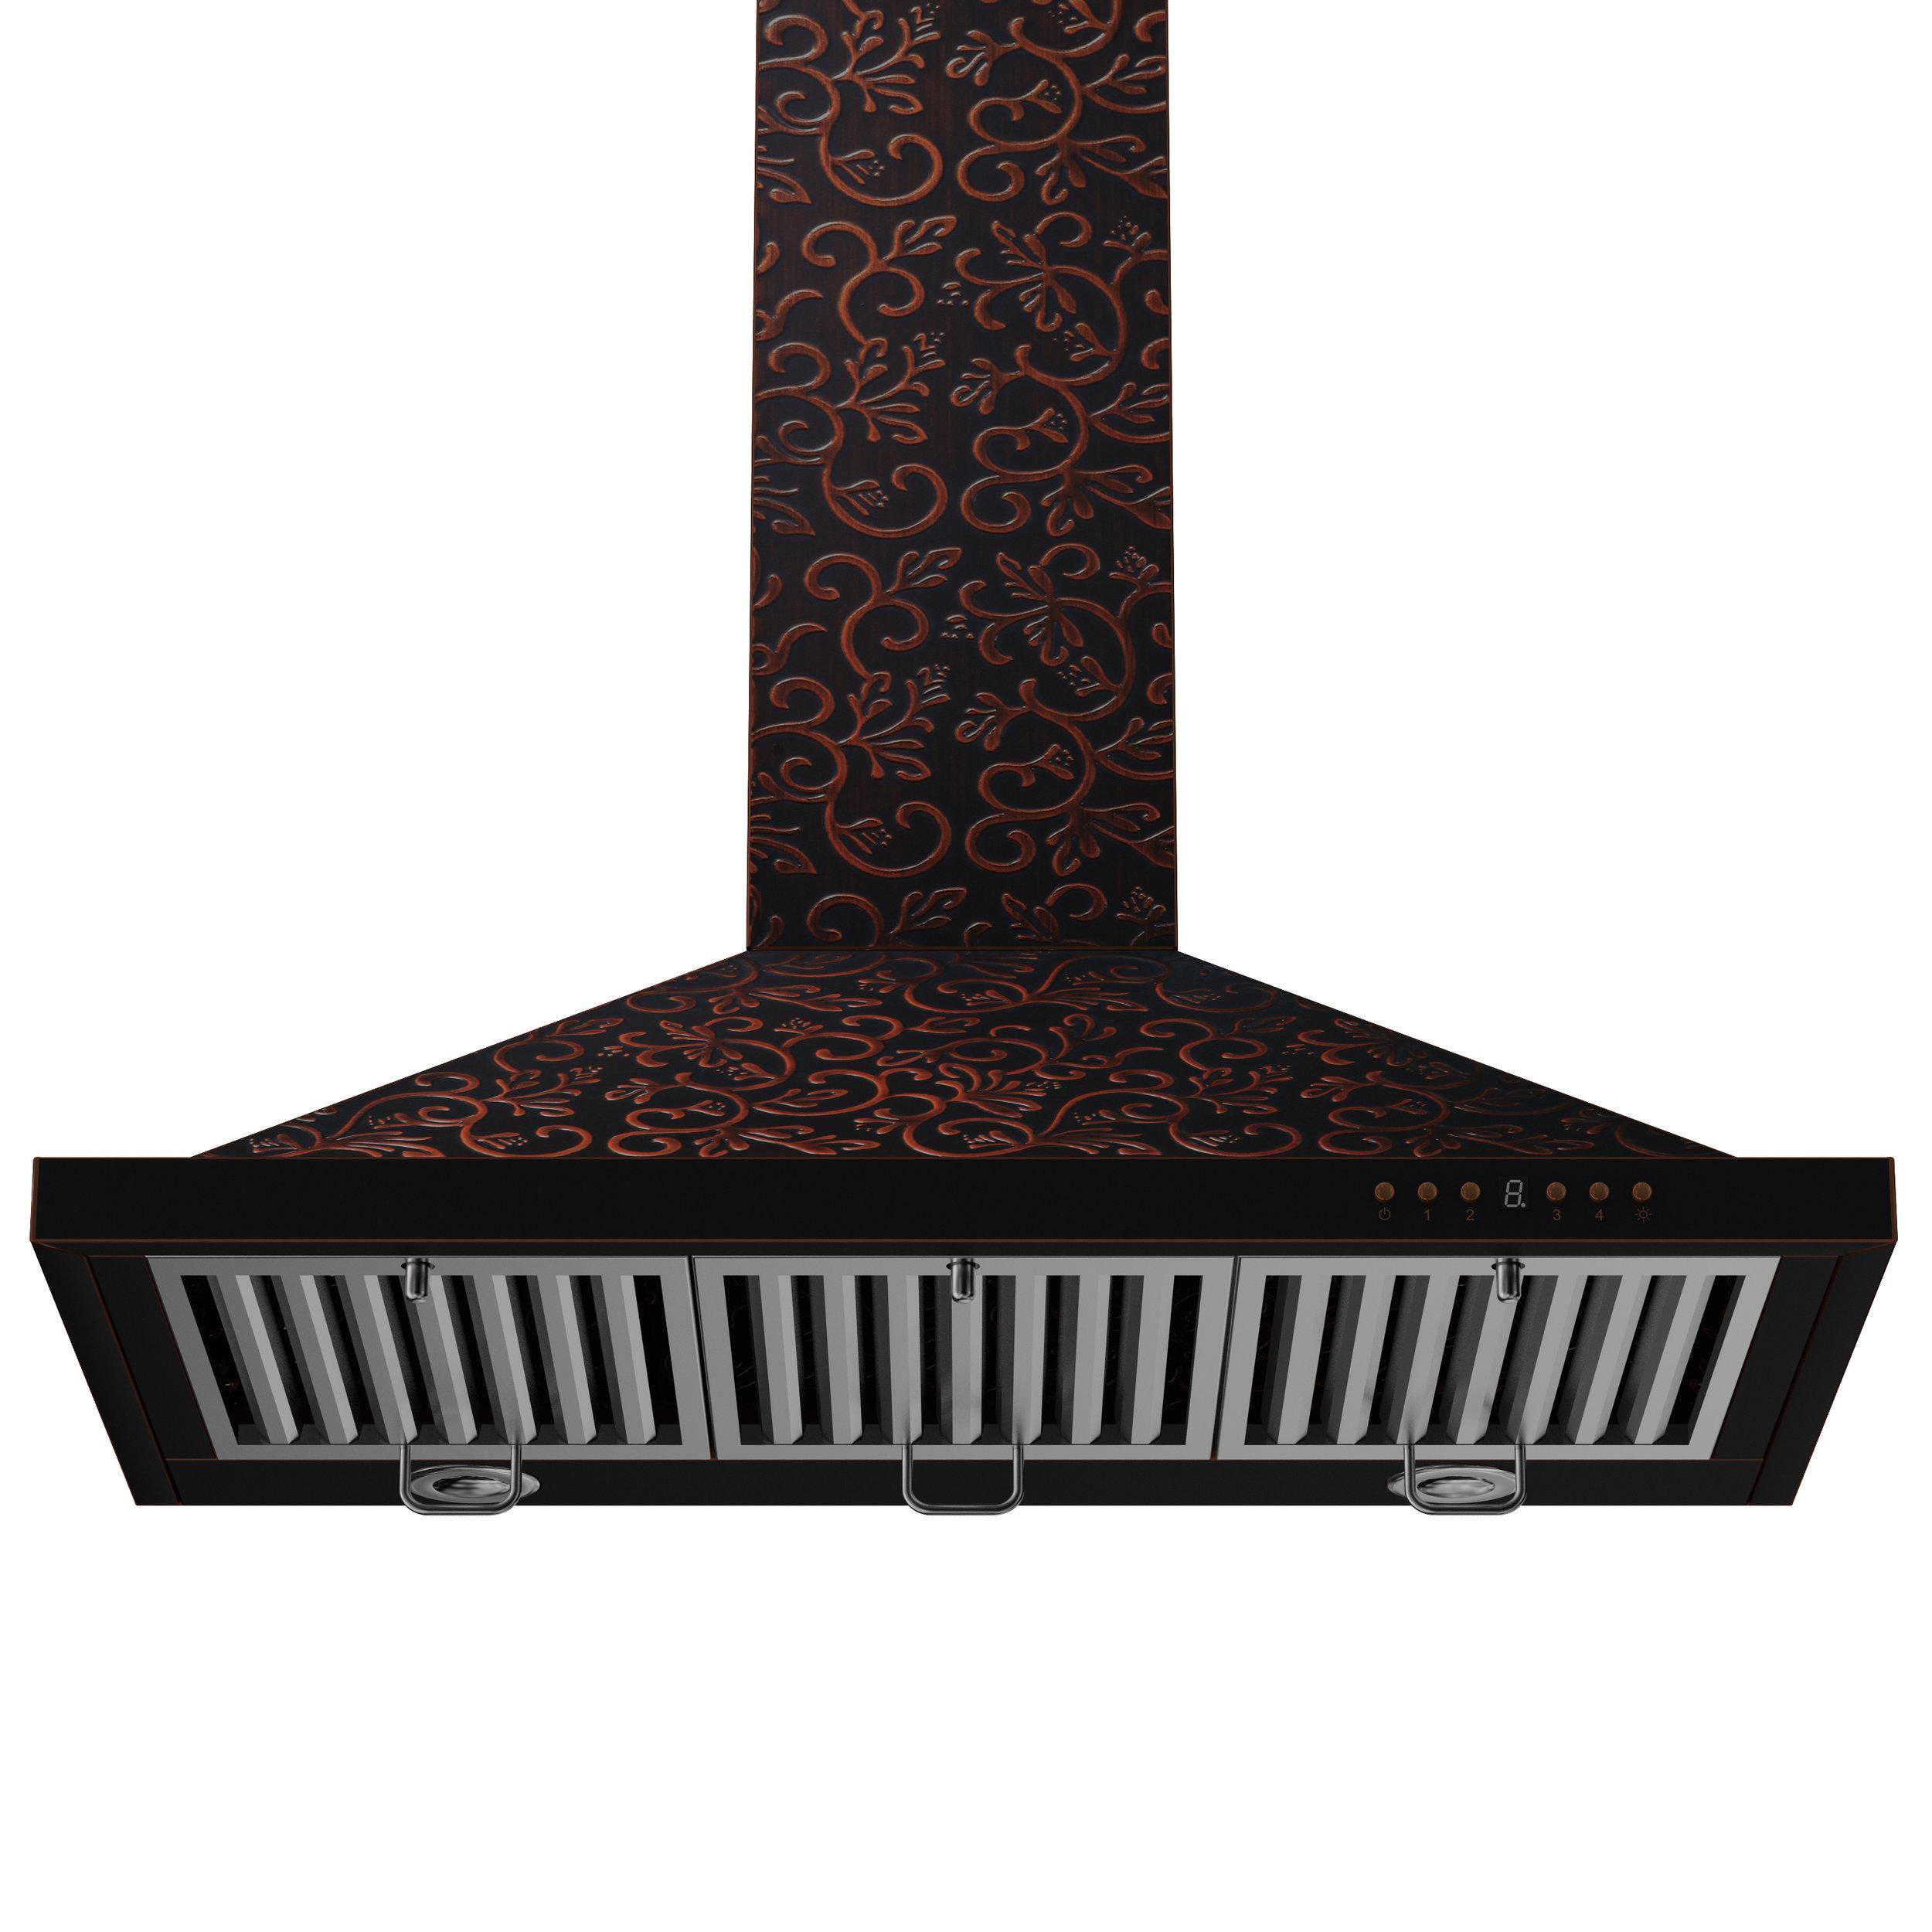 zline-copper-wall-mounted-range-hood-8KBF-underneath.jpg